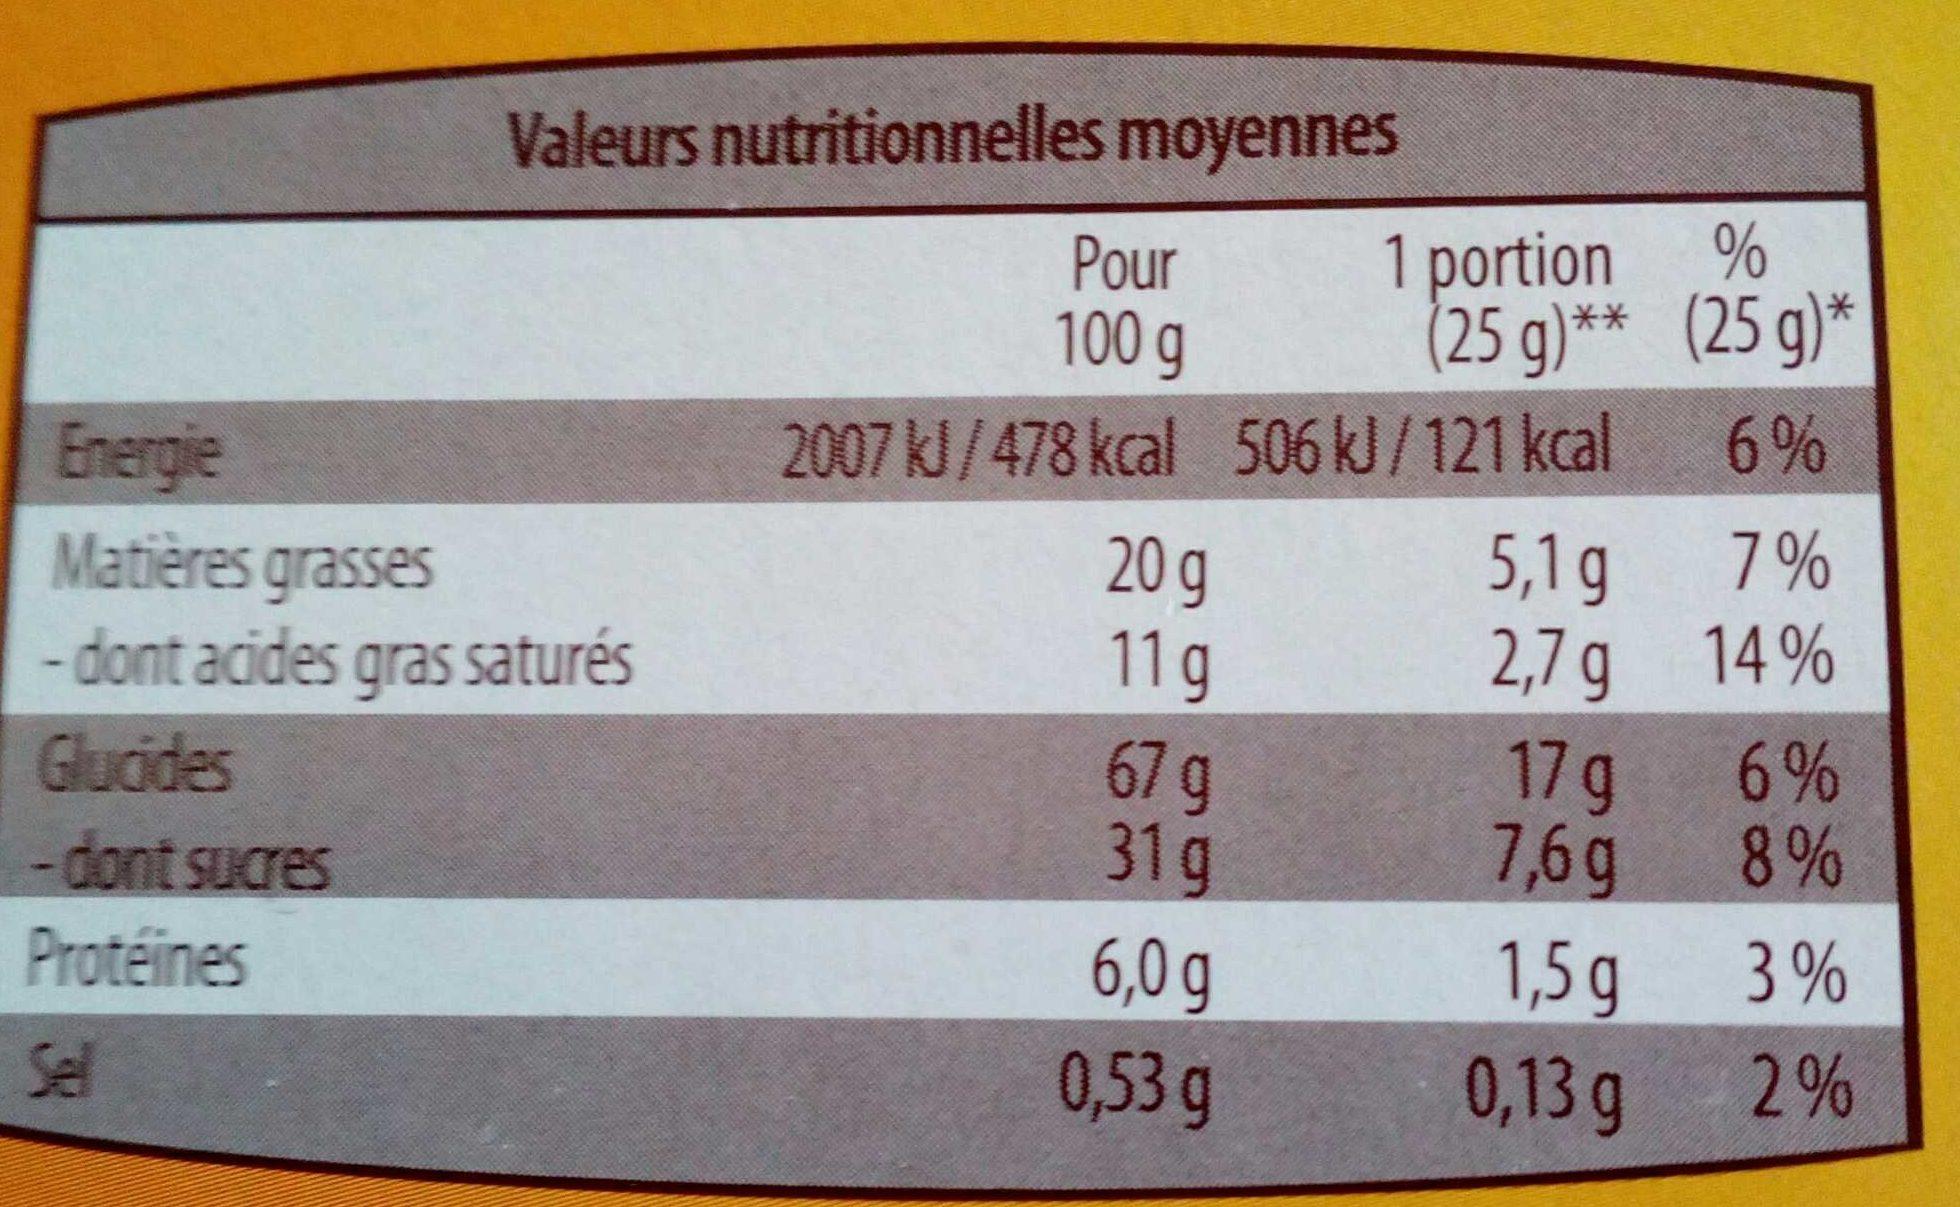 Sablé fourré chocolat - Informations nutritionnelles - fr